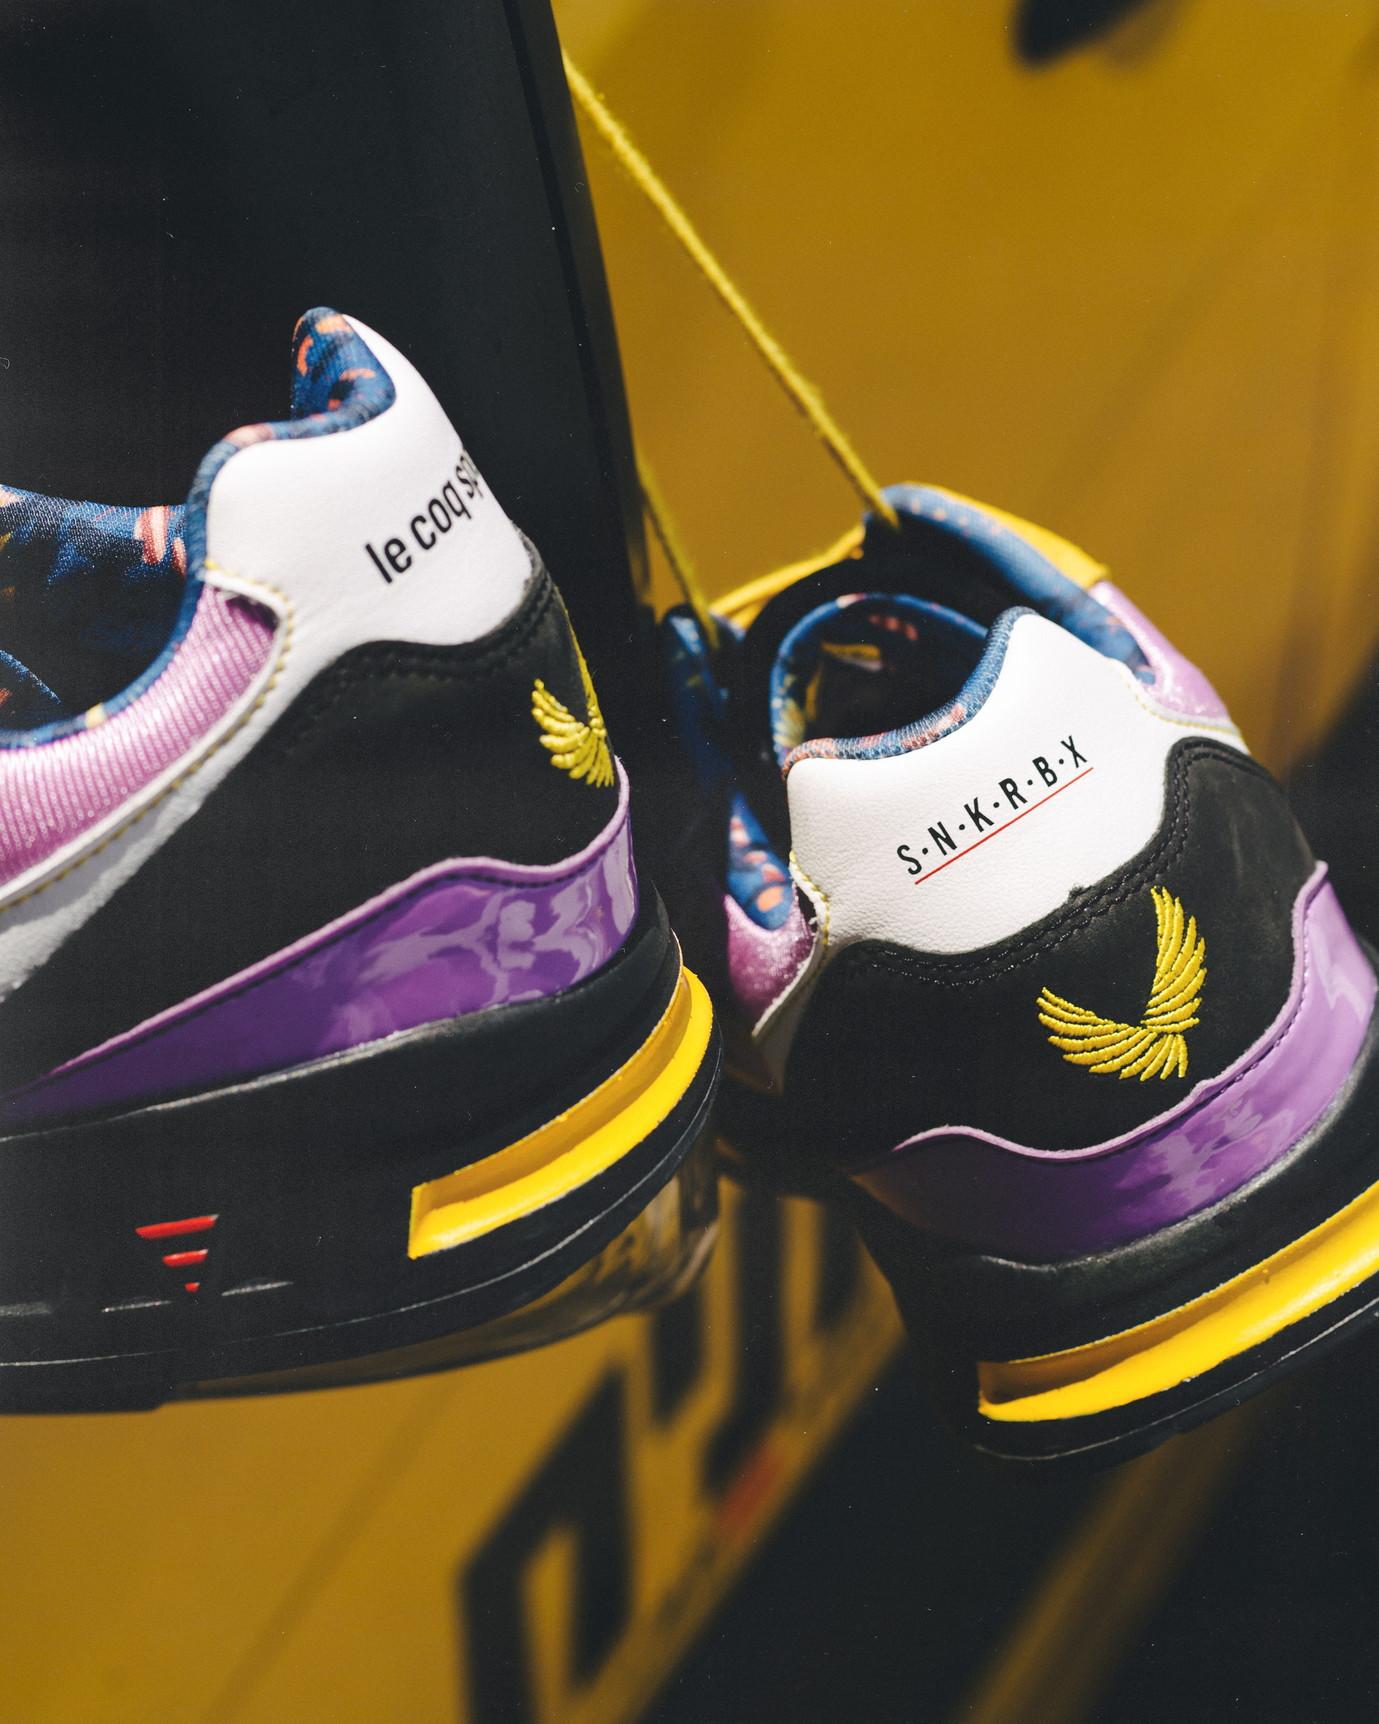 Le Coq Sportif&nbsp; presenta alcuni nuovi modelli di scarpe frutto di prestigiose collaborazioni internazionali con protagonisti del mondo delle sneakers.<br /><br />  <strong>Jean Andr&egrave; per LCS R1000</strong><br /> Le Coq Sportif si unisce a BonjourTattooClub e al designer Jean Andr&eacute; per una prima collaborazione con una versione inedita della LCS R1000.<br /> Ispirata al tema e alla dualit&agrave; &quot;Amore Morte&quot;, la sneaker Le Coq Sportif x Jean Andr&eacute; &egrave; pensata intorno a due modelli monocromatici: il bianco associato all&#39;amore, il nero per la morte. Una coppia originale, erede degli archivi del marchio francese, sublimata dai disegni del famoso fumettista Jean Andr&eacute;.&nbsp;<br /> Creato nel 2018, BonjourTattooClub &egrave; uno dei luoghi da non perdere nella capitale francese se si desidera un tatuaggio. Jean Andr&eacute; &egrave; molto attento ai dettagli. Conosciuto per i suoi famosi cuori intrecciati da una parola, crea disegni moderni, eleganti e all&#39;avanguardia.<br /> Per questa collaborazione entrambi i modelli portano la firma del designer con l&#39;emblematico cuore &quot;Bonjour&quot; sul lato sinistro di ogni paio, in riferimento al suo salone situato nel cuore del 18&deg; arrondissement a Parigi. La soletta &egrave; una delle sue opere: disegni legati all&#39;amore per il paio bianco e disegni in riferimento alla morte per il modello nero. Sulla suola destra c&#39;&egrave; il nome del designer, sulla suola sinistra il nome del marchio francese.&nbsp;<br /> Per sottolineare questa collaborazione unica, ogni paio pu&ograve; anche essere personalizzato. Sei patch di sei disegni sono create in esclusiva da Jean Andr&eacute; e possono essere posizionate sulla linguetta.<br /> Per queste due paia, prodotte in Francia, &egrave; prevista una nuova scatola bianca o nera con totebag, entrambe personalizzate dal lavoro del designer.<br /><br />  <strong>La R800 &ldquo;Sherut Taxi&rdquo; di&nbsp; Sneakerbox TLV</st